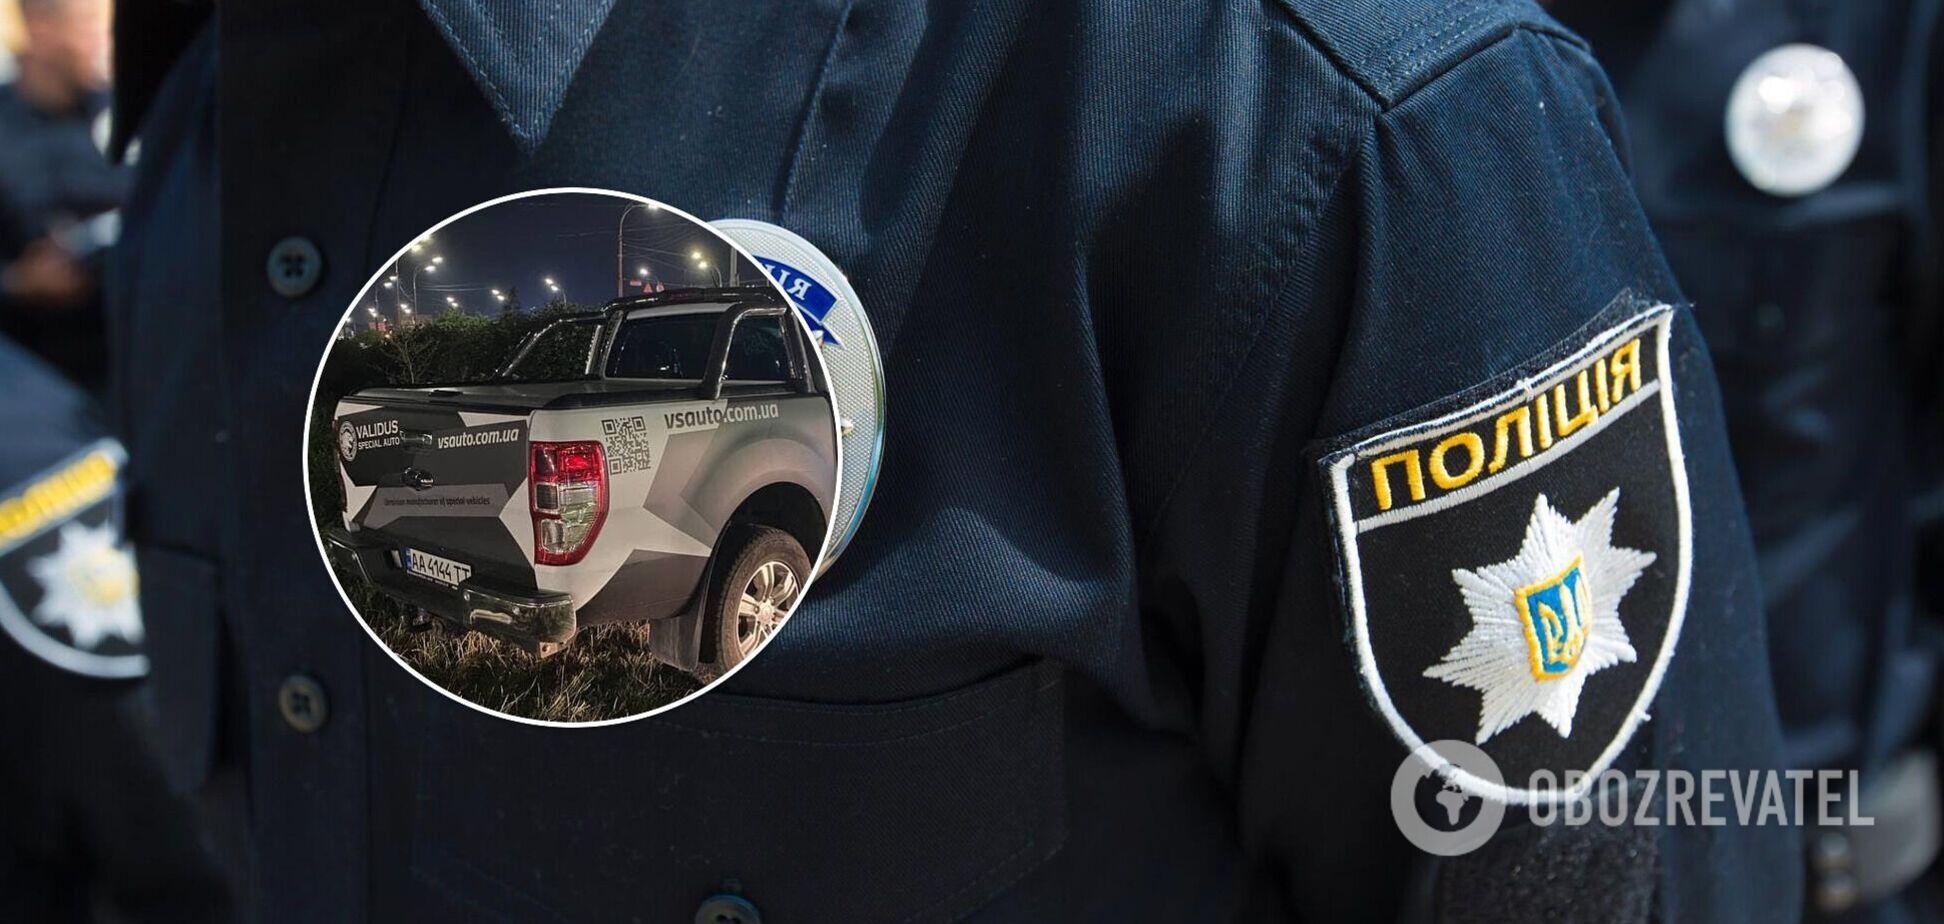 Обставини ДТП встановлять правоохоронці